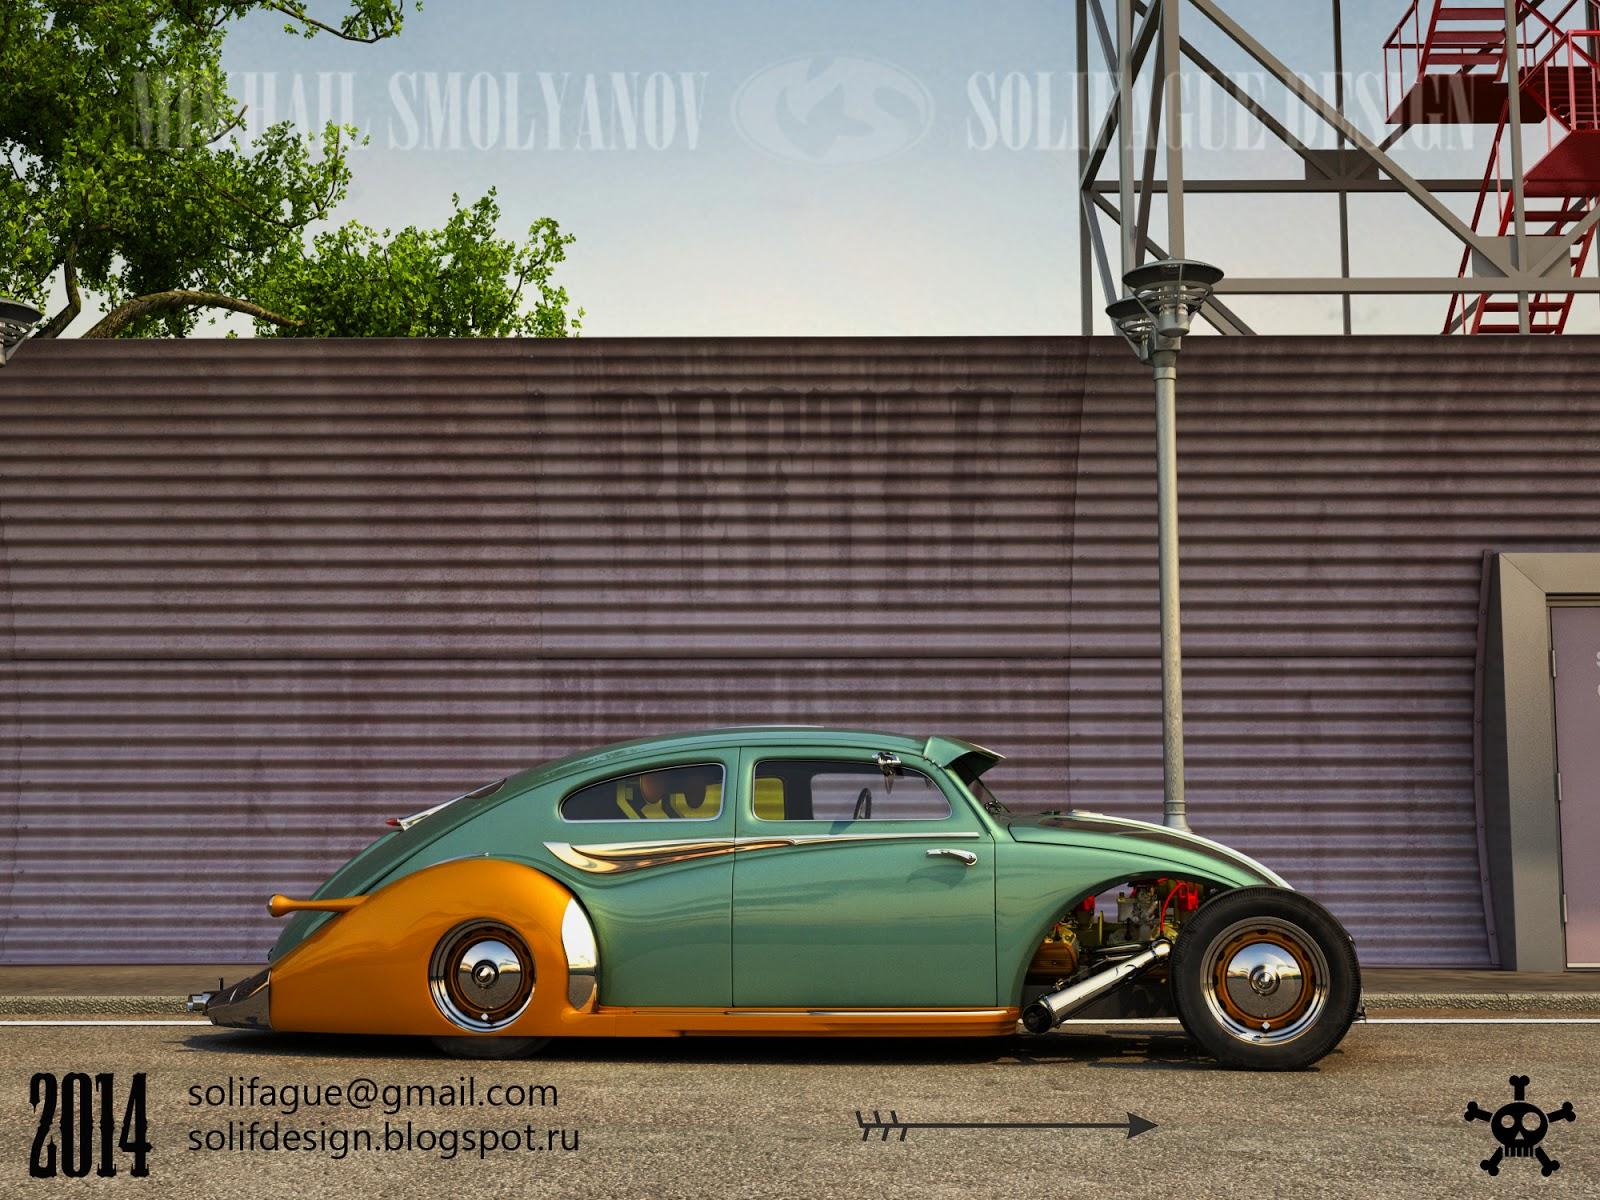 This Volkswagen Beetle Hotrod Rendering Should Become Real